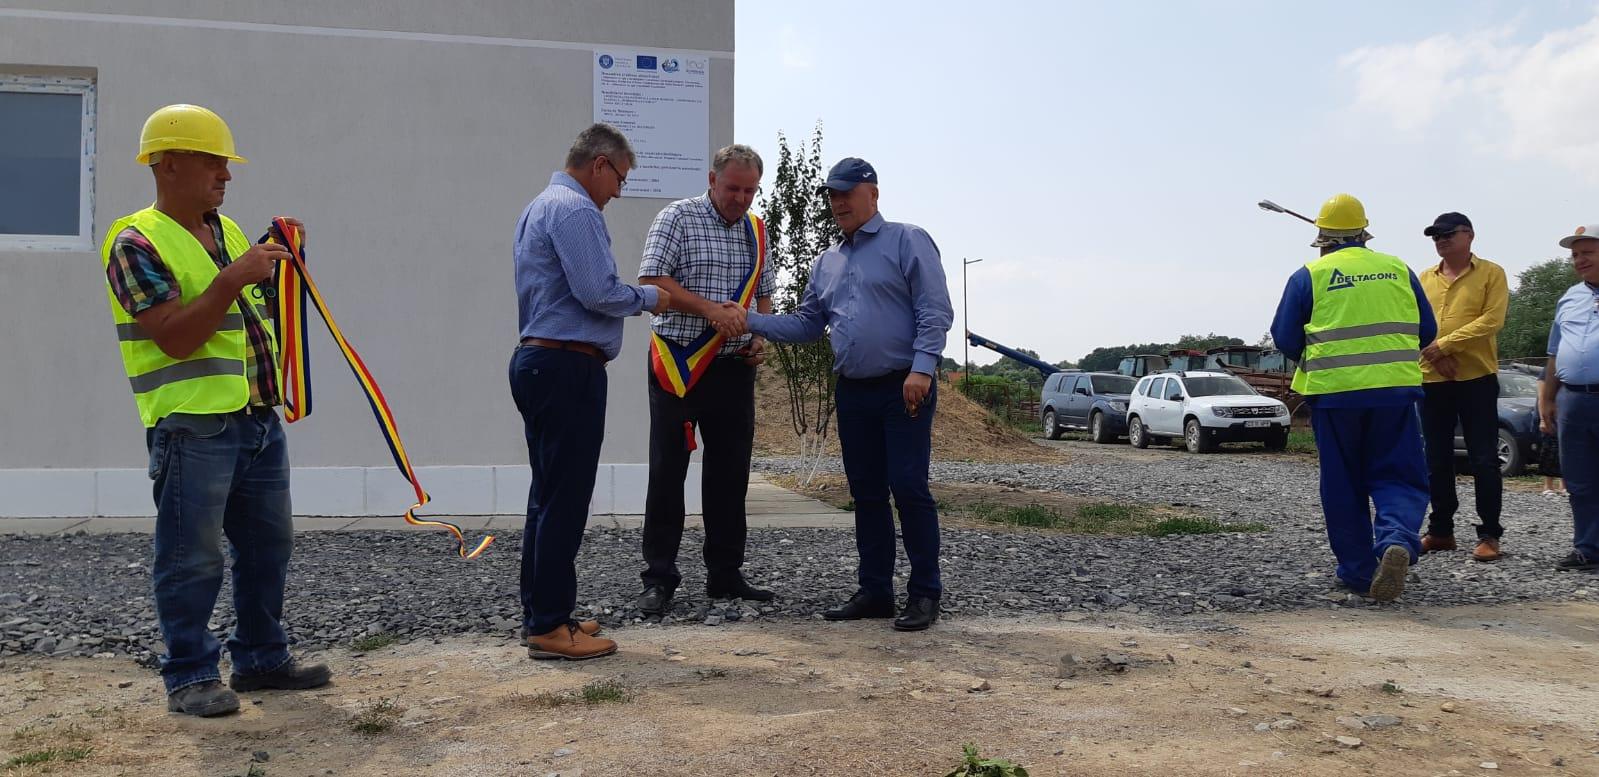 Aproximativ 2100 de locuitori din Delta Dunării vor beneficia de apă potabilă, în urma unui program implementat de M.A.P., prin Administrația Națională 'Apele Române'